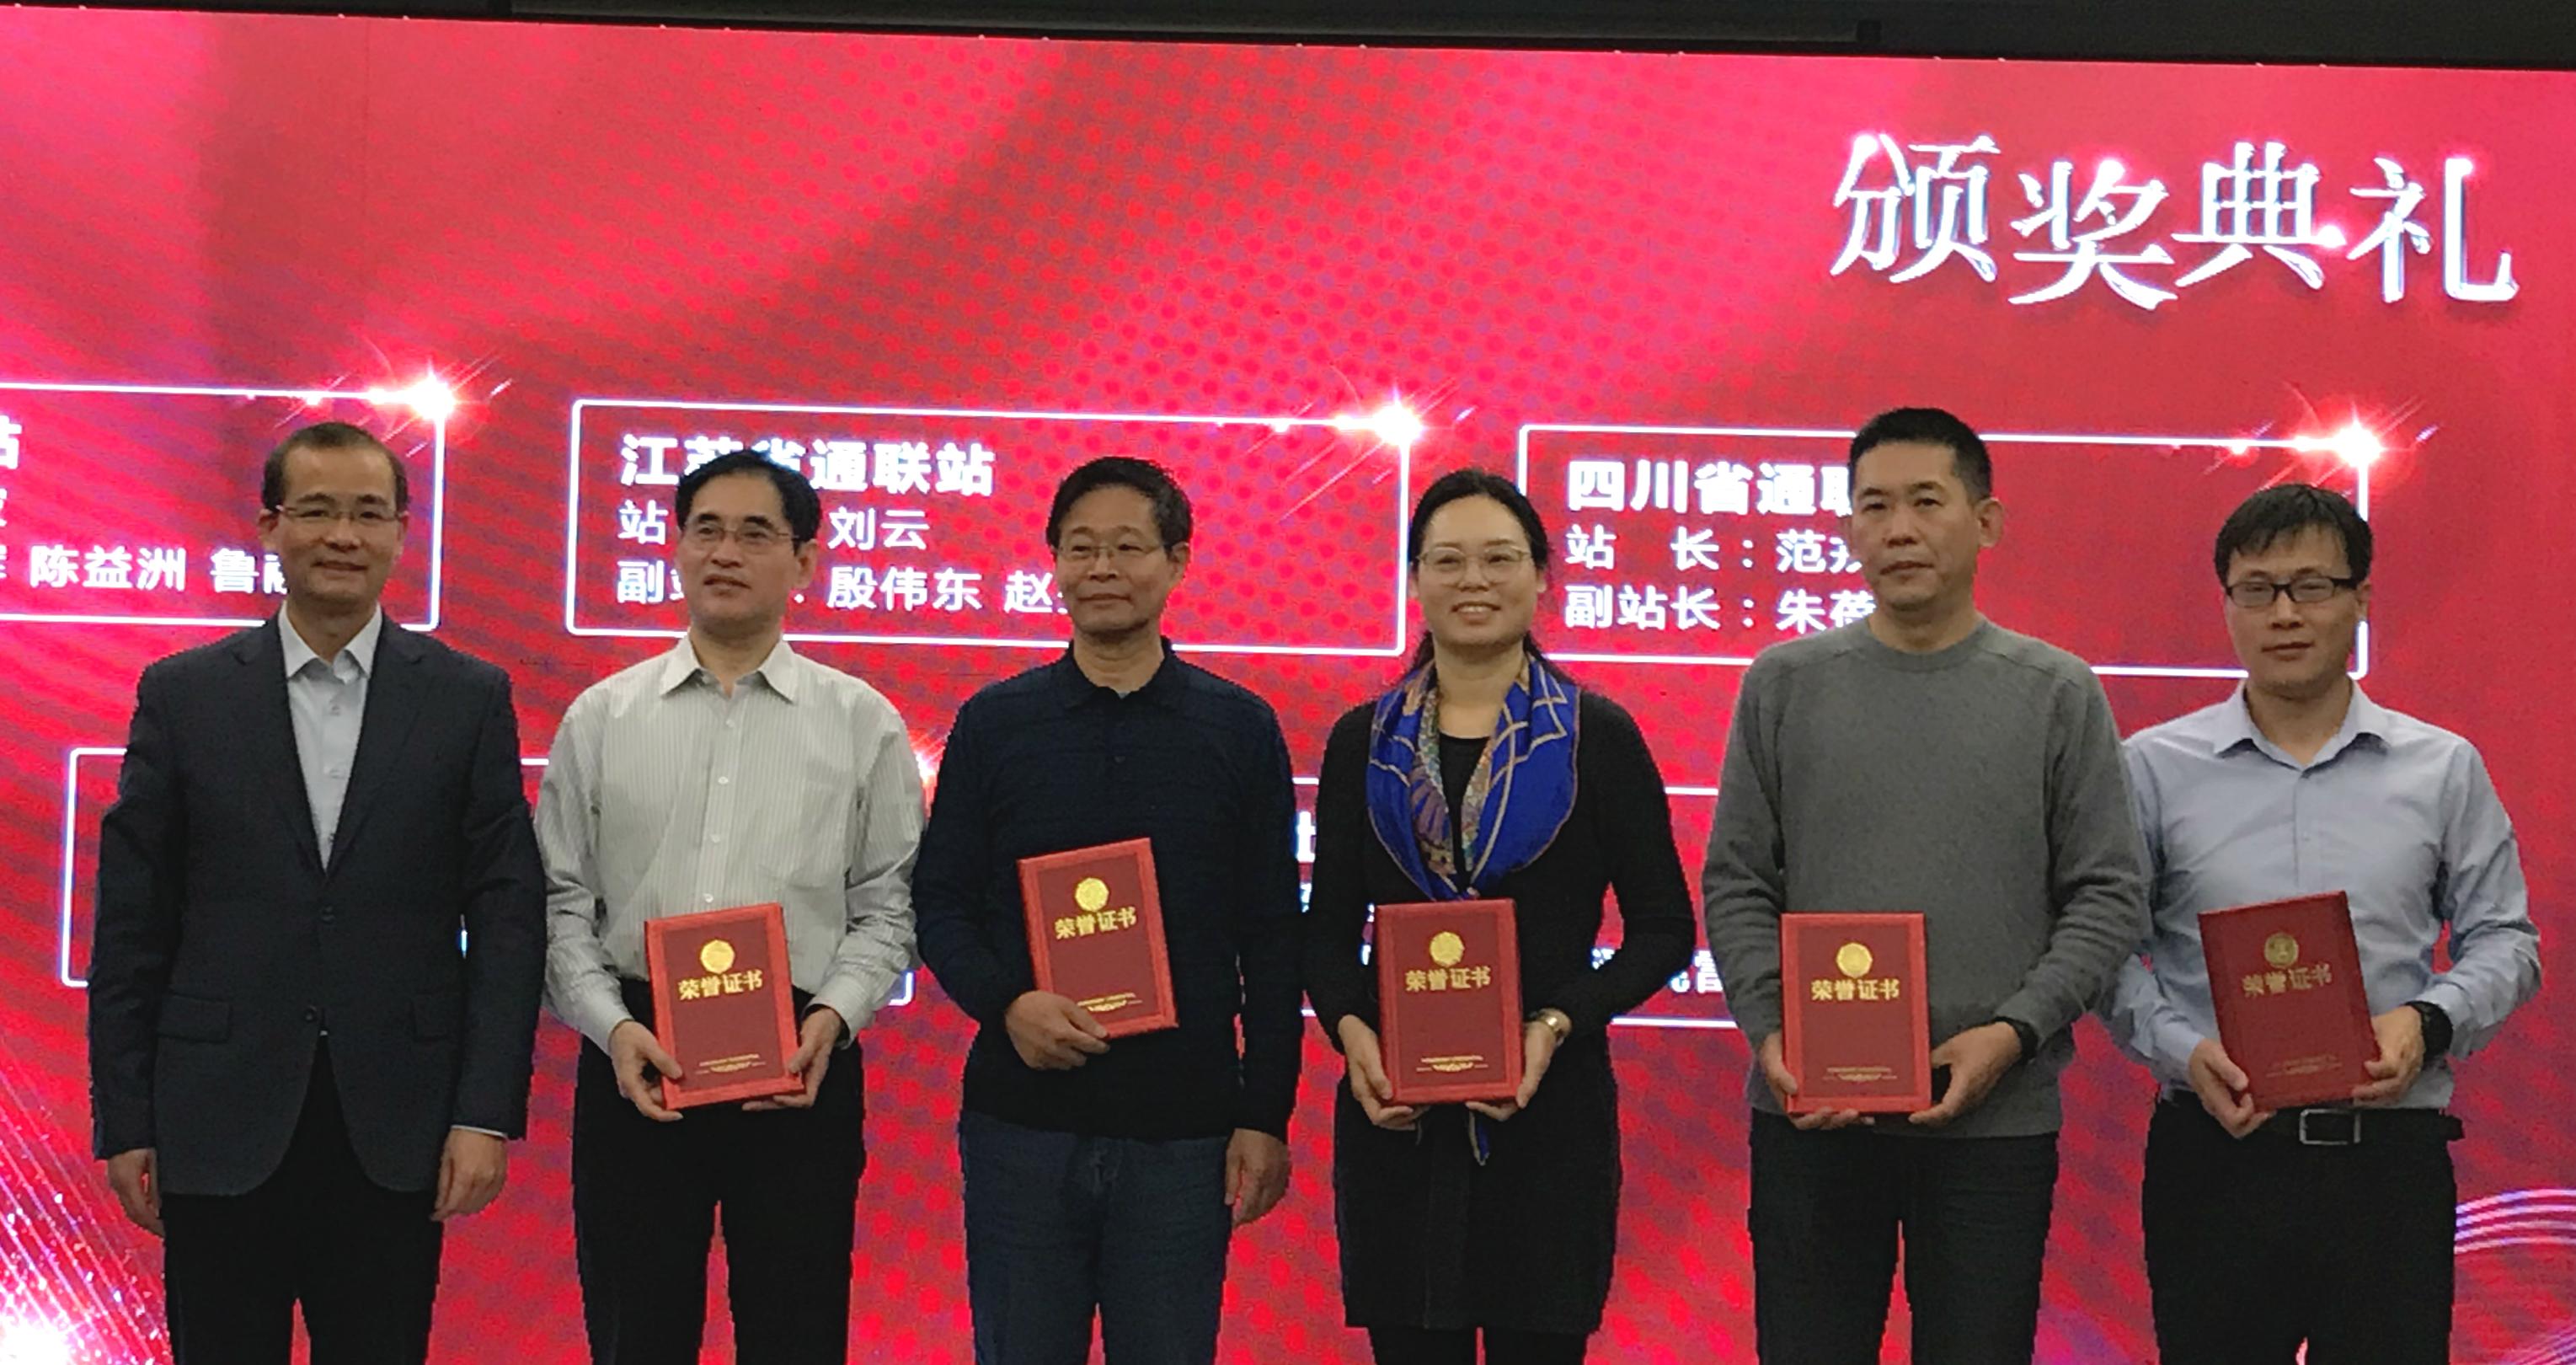 江西省儿童医院获《中国数字医学》杂志社 2020 年度优秀通讯联络站